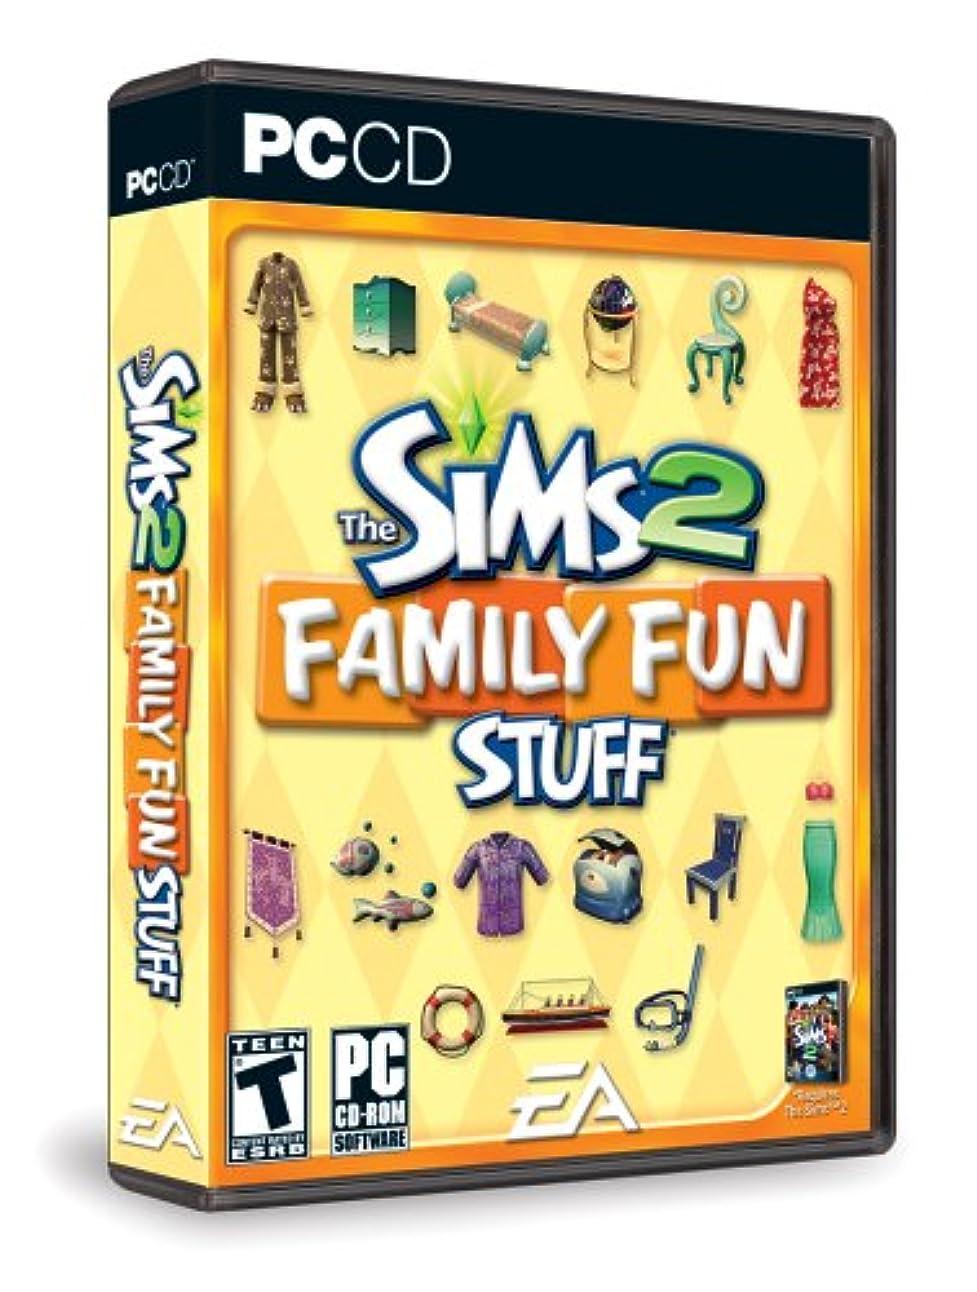 あいまいさ分布獲物The Sims 2: Family Fun Stuff (輸入版)